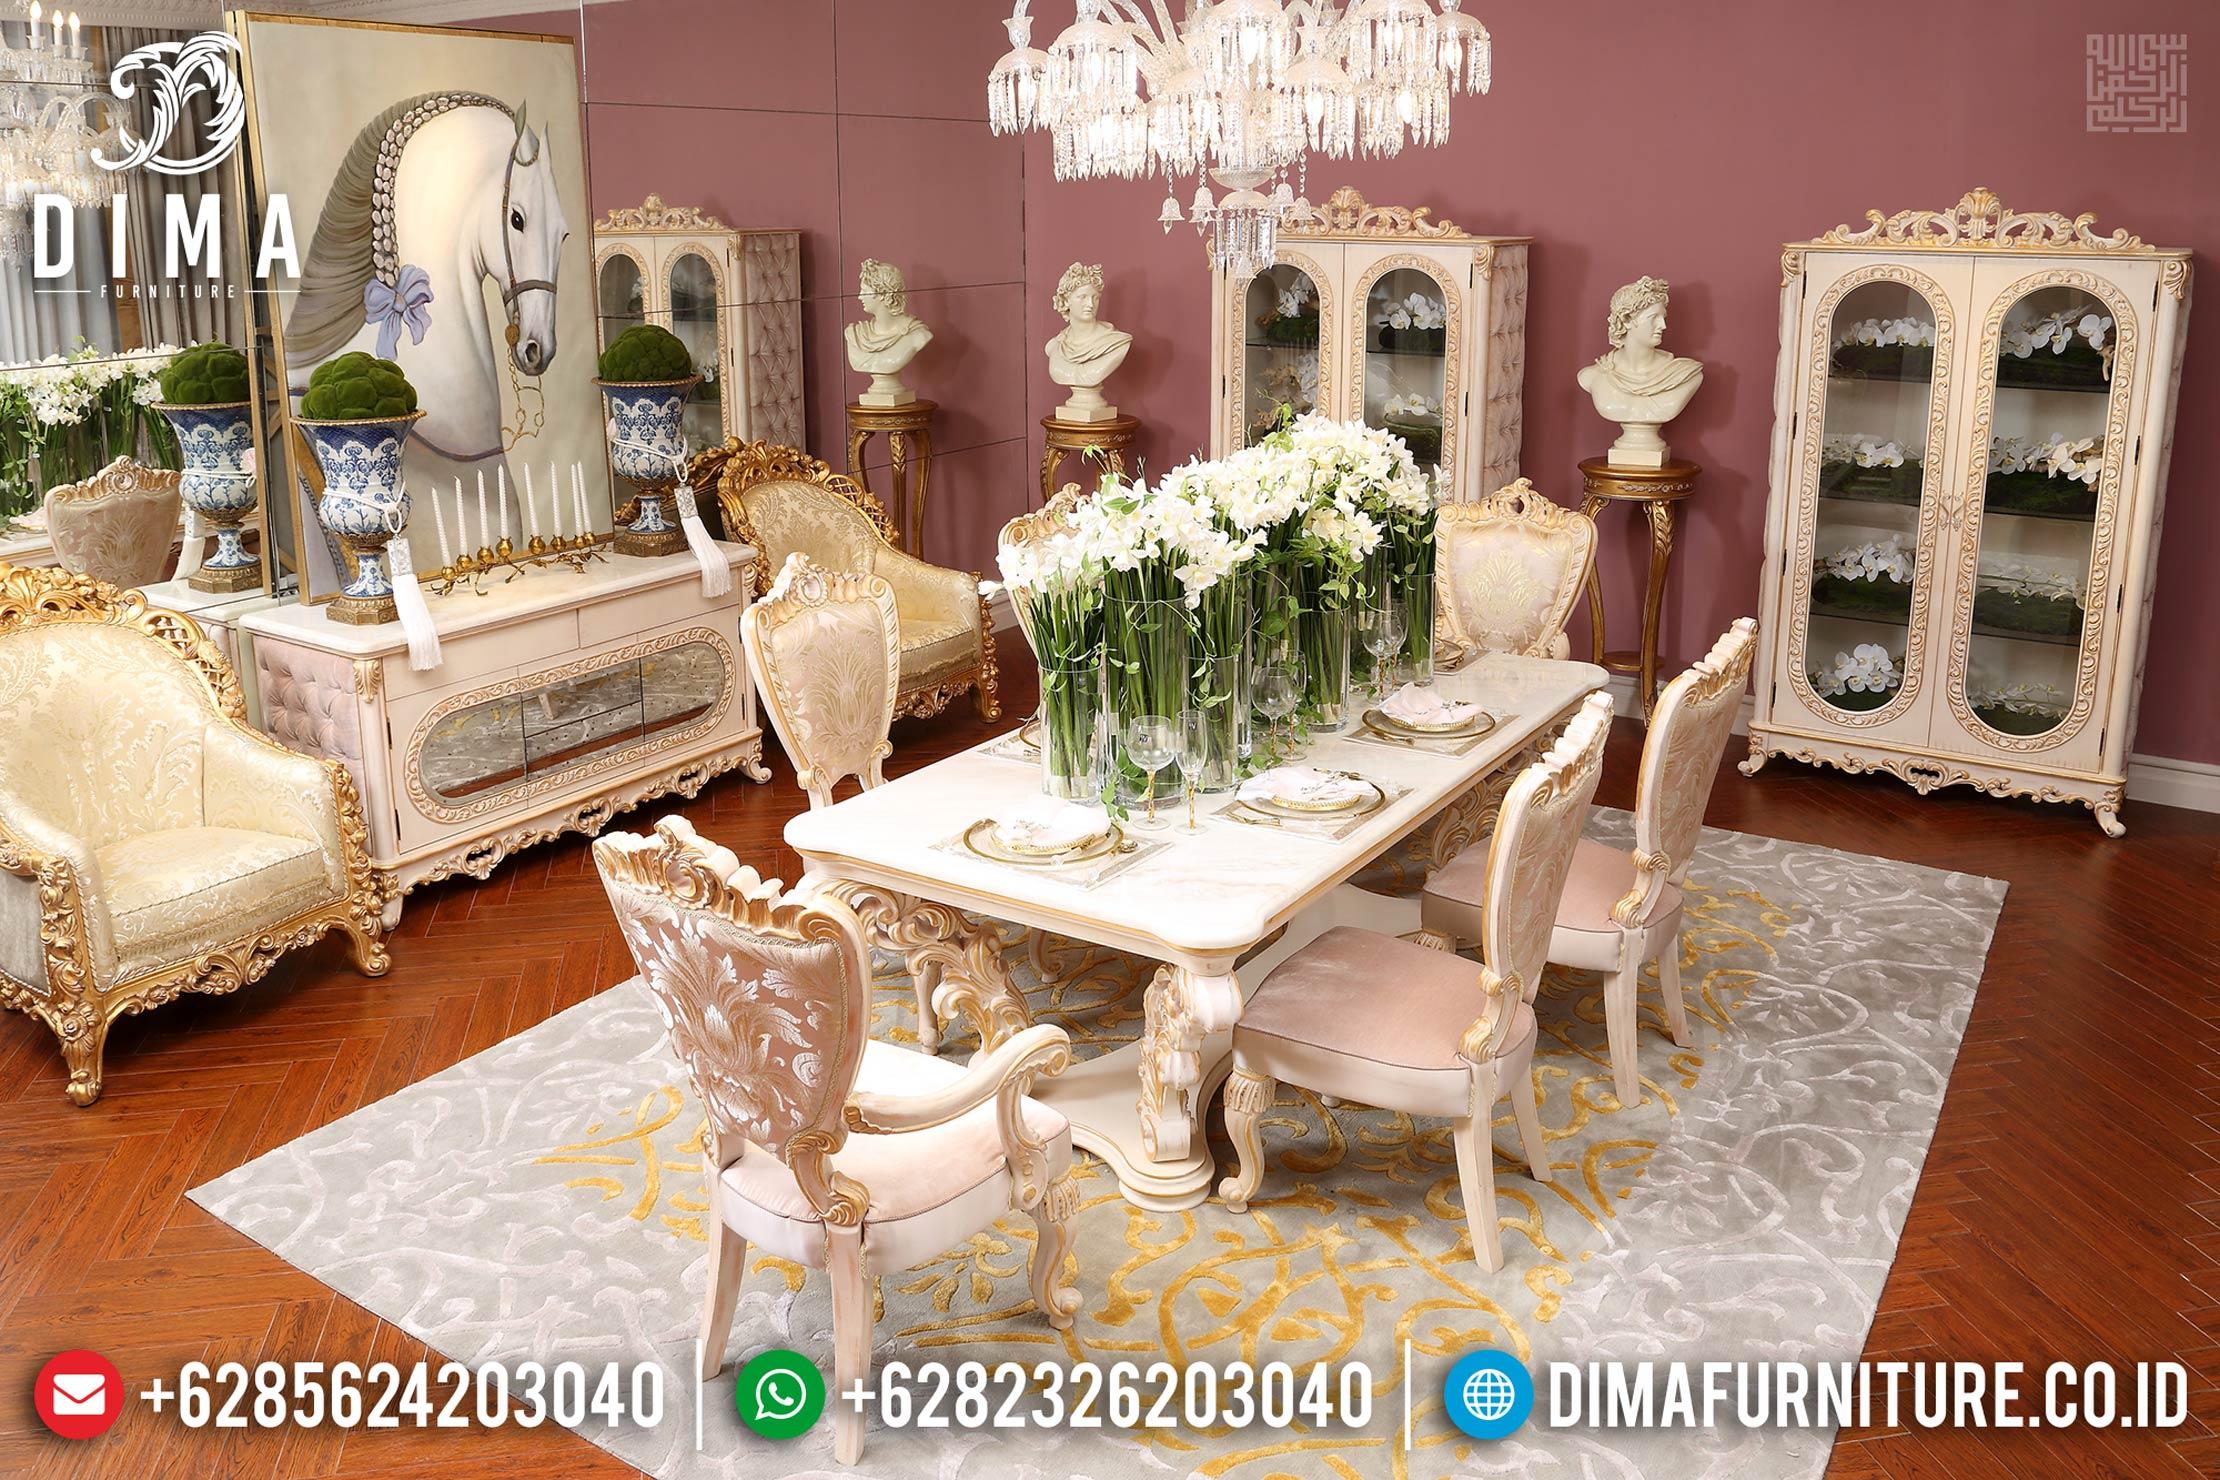 Wonderful Set Meja Makan Mewah, Kursi Meja Makan Ukiran Luxury, Meja Makan Mewah Terbaru DF-1463